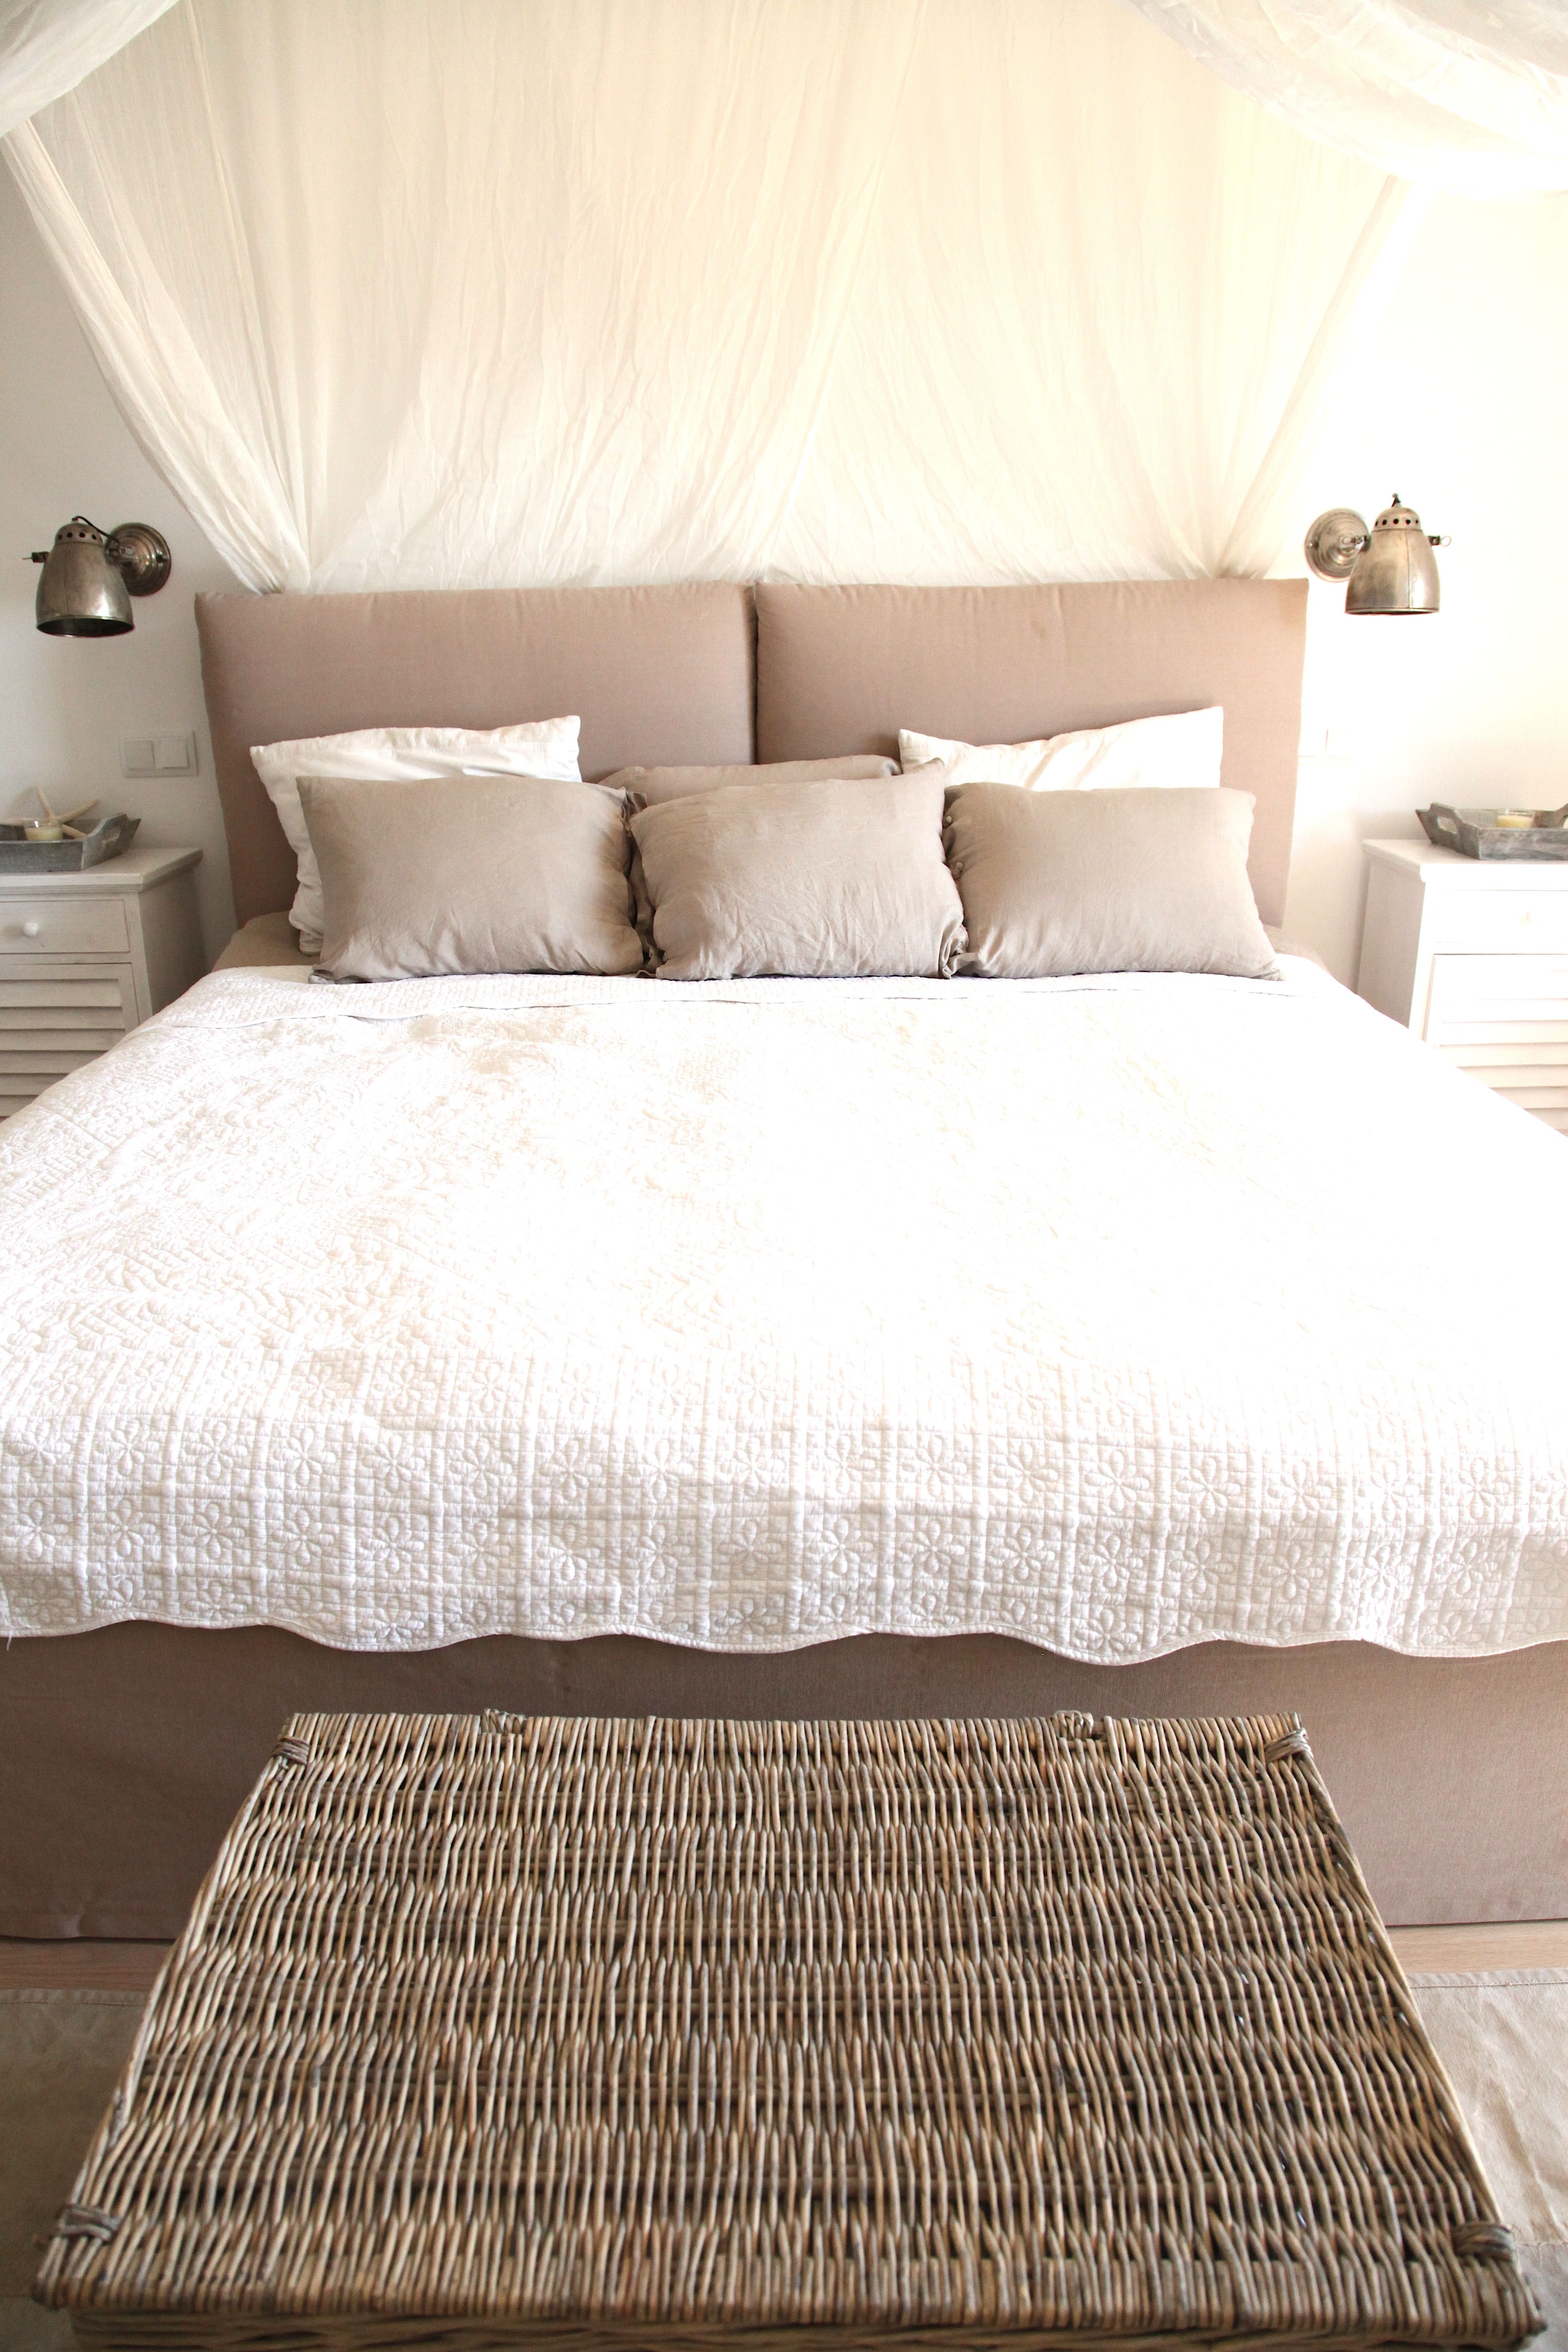 Awesome Einfache Dekoration Und Mobel Daunendecken Fuer Einen Erholsamen Schlaf 2 #13: Pinterest